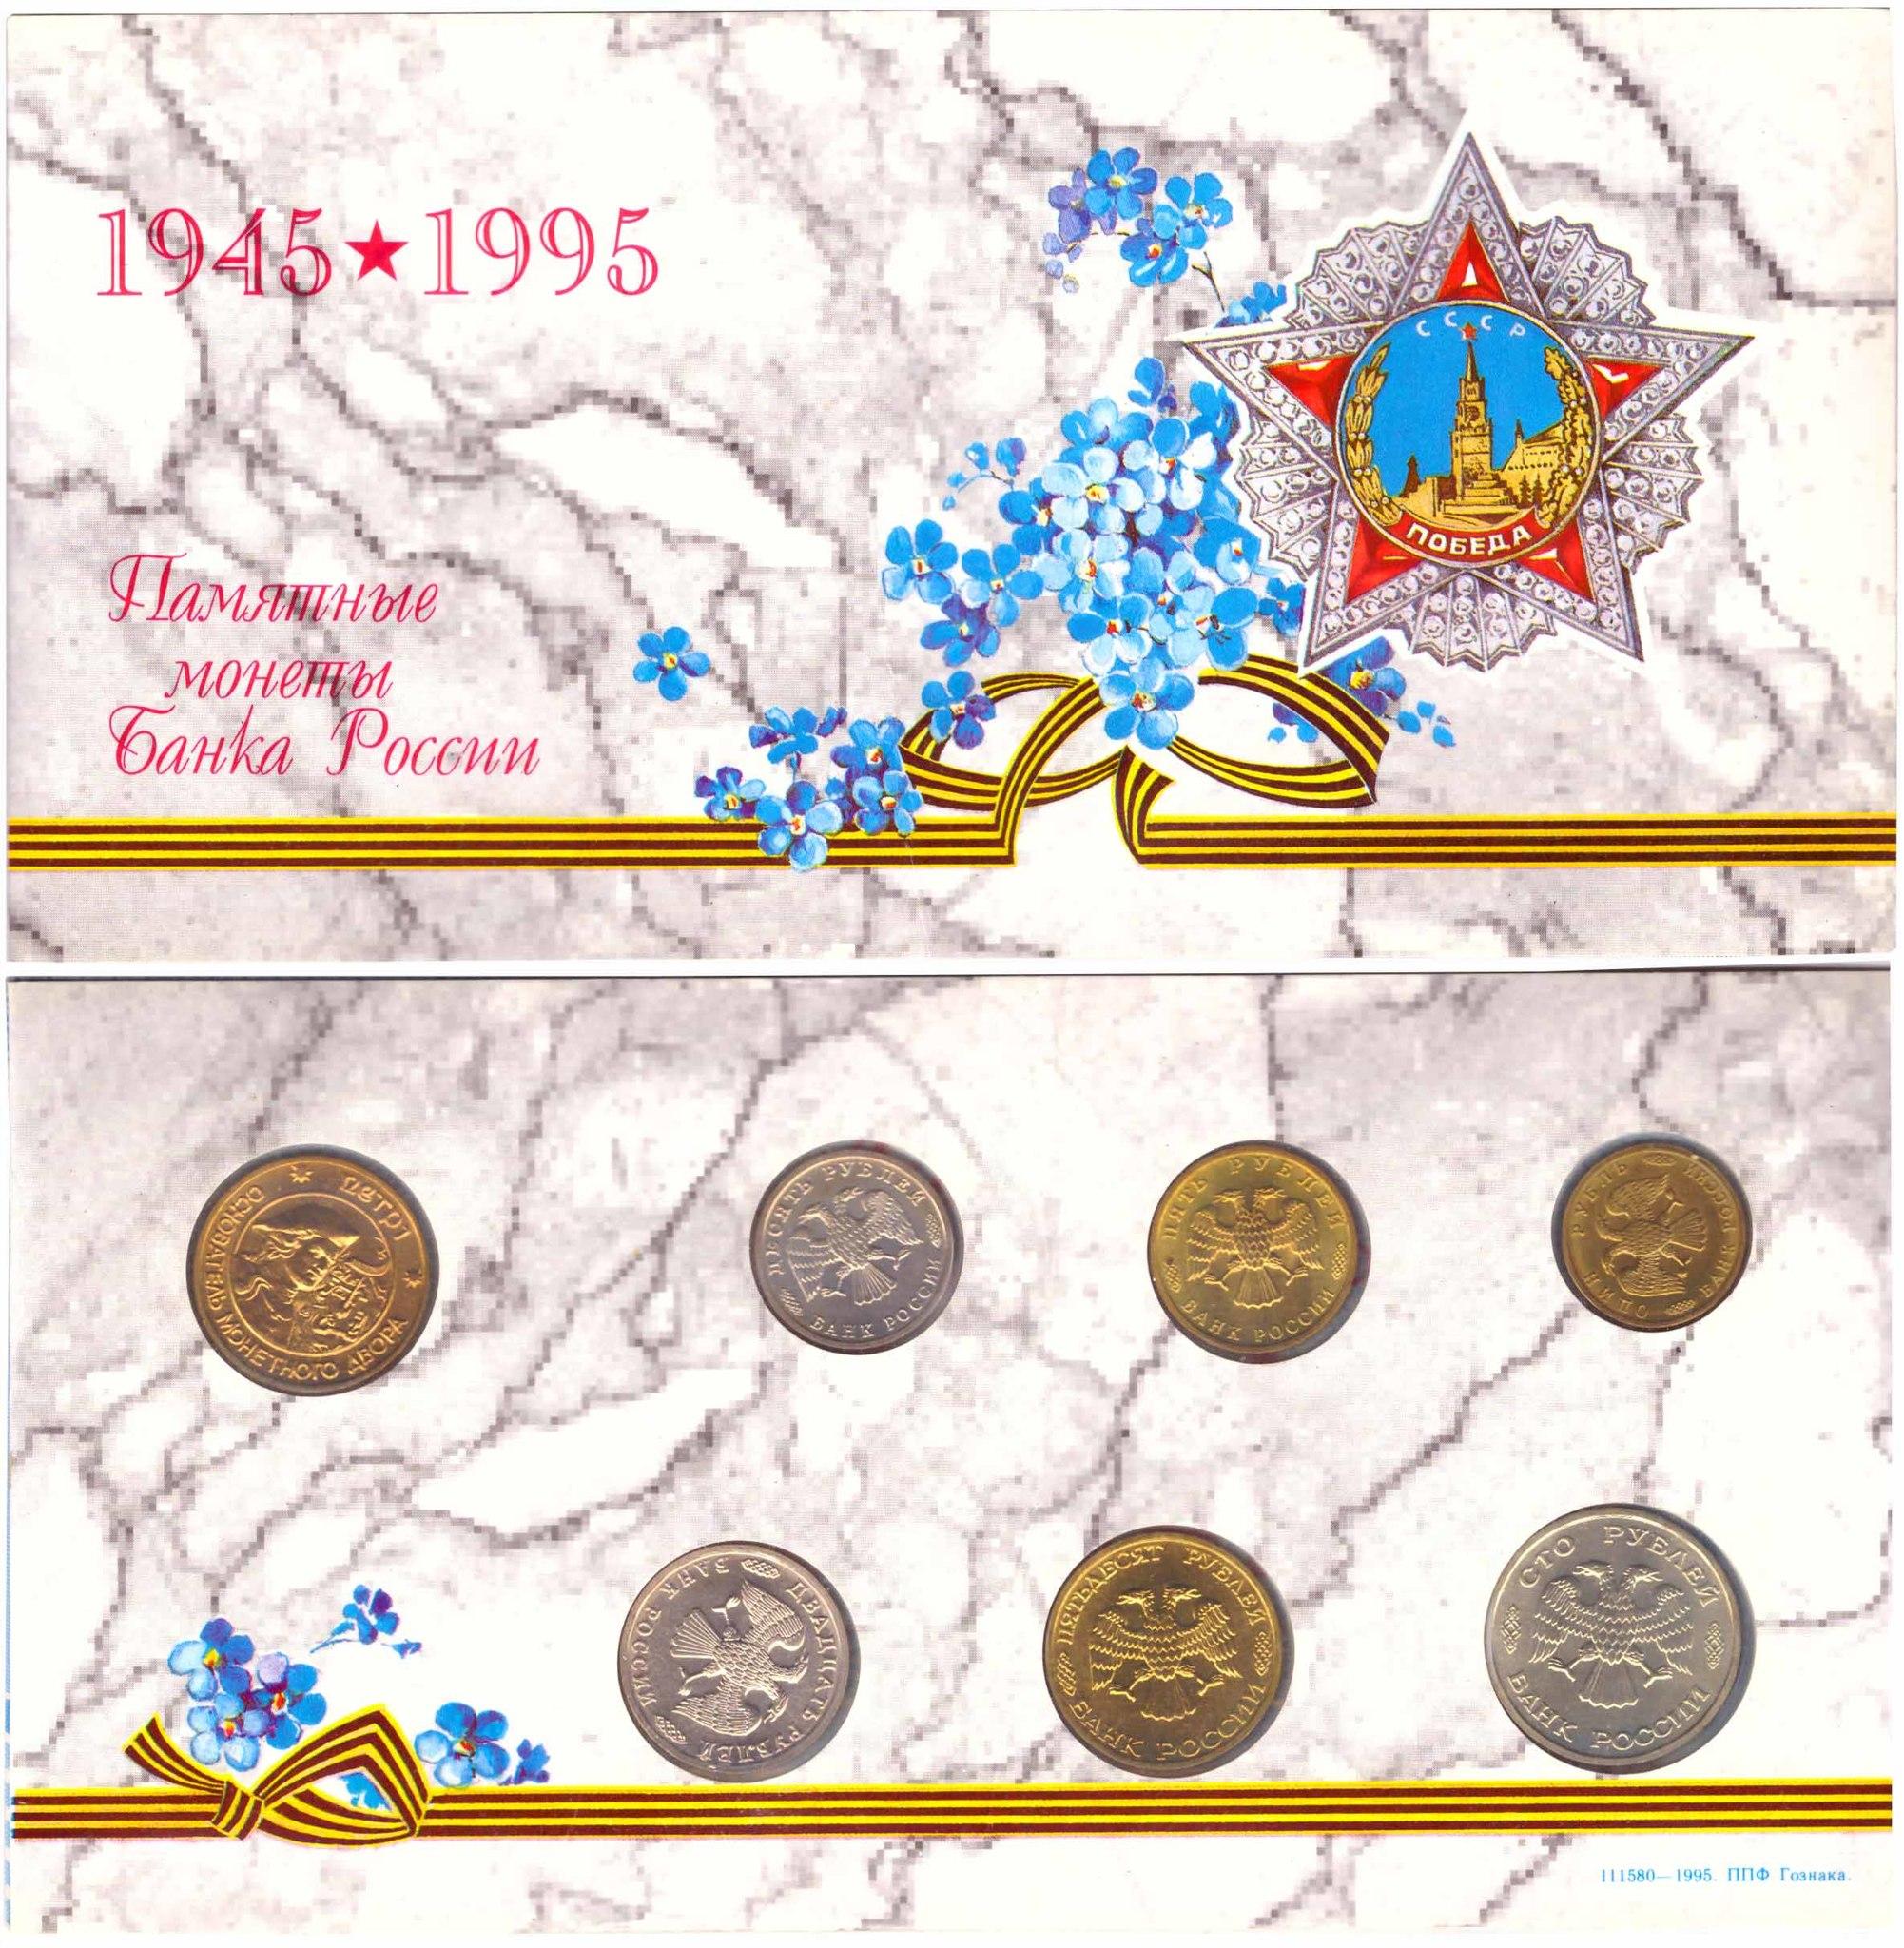 50 лет Великой Победы 1945-1995 в официальном буклете с жетоном